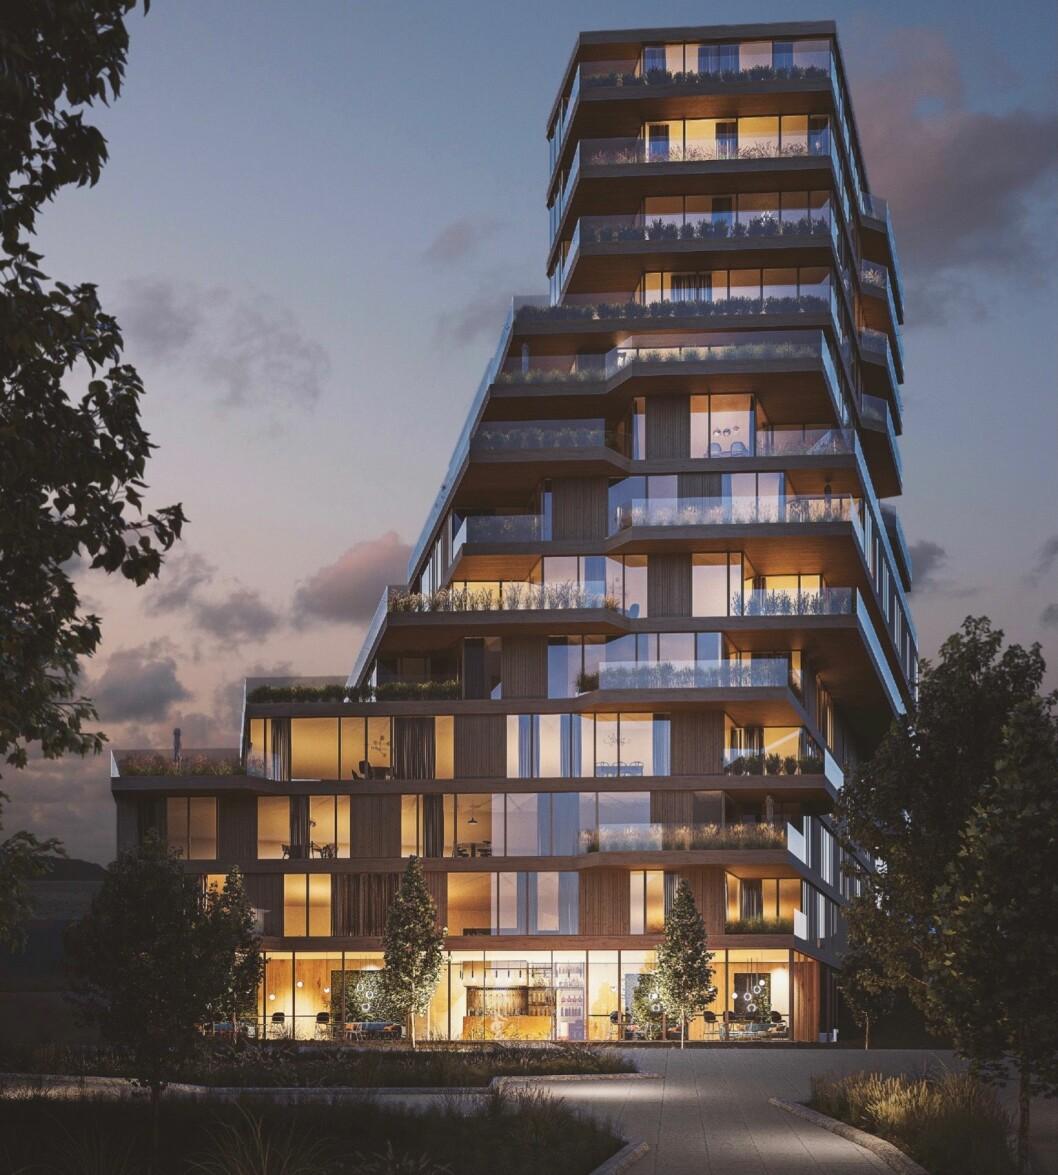 SÆREGENT UTTRYKK: Ifølge planforslaget er boligbebyggelsen «av høy kvalitet med et særegent utrykk og varierte boformer». (AtelierOslo/Lund Hagem Arkitekter)